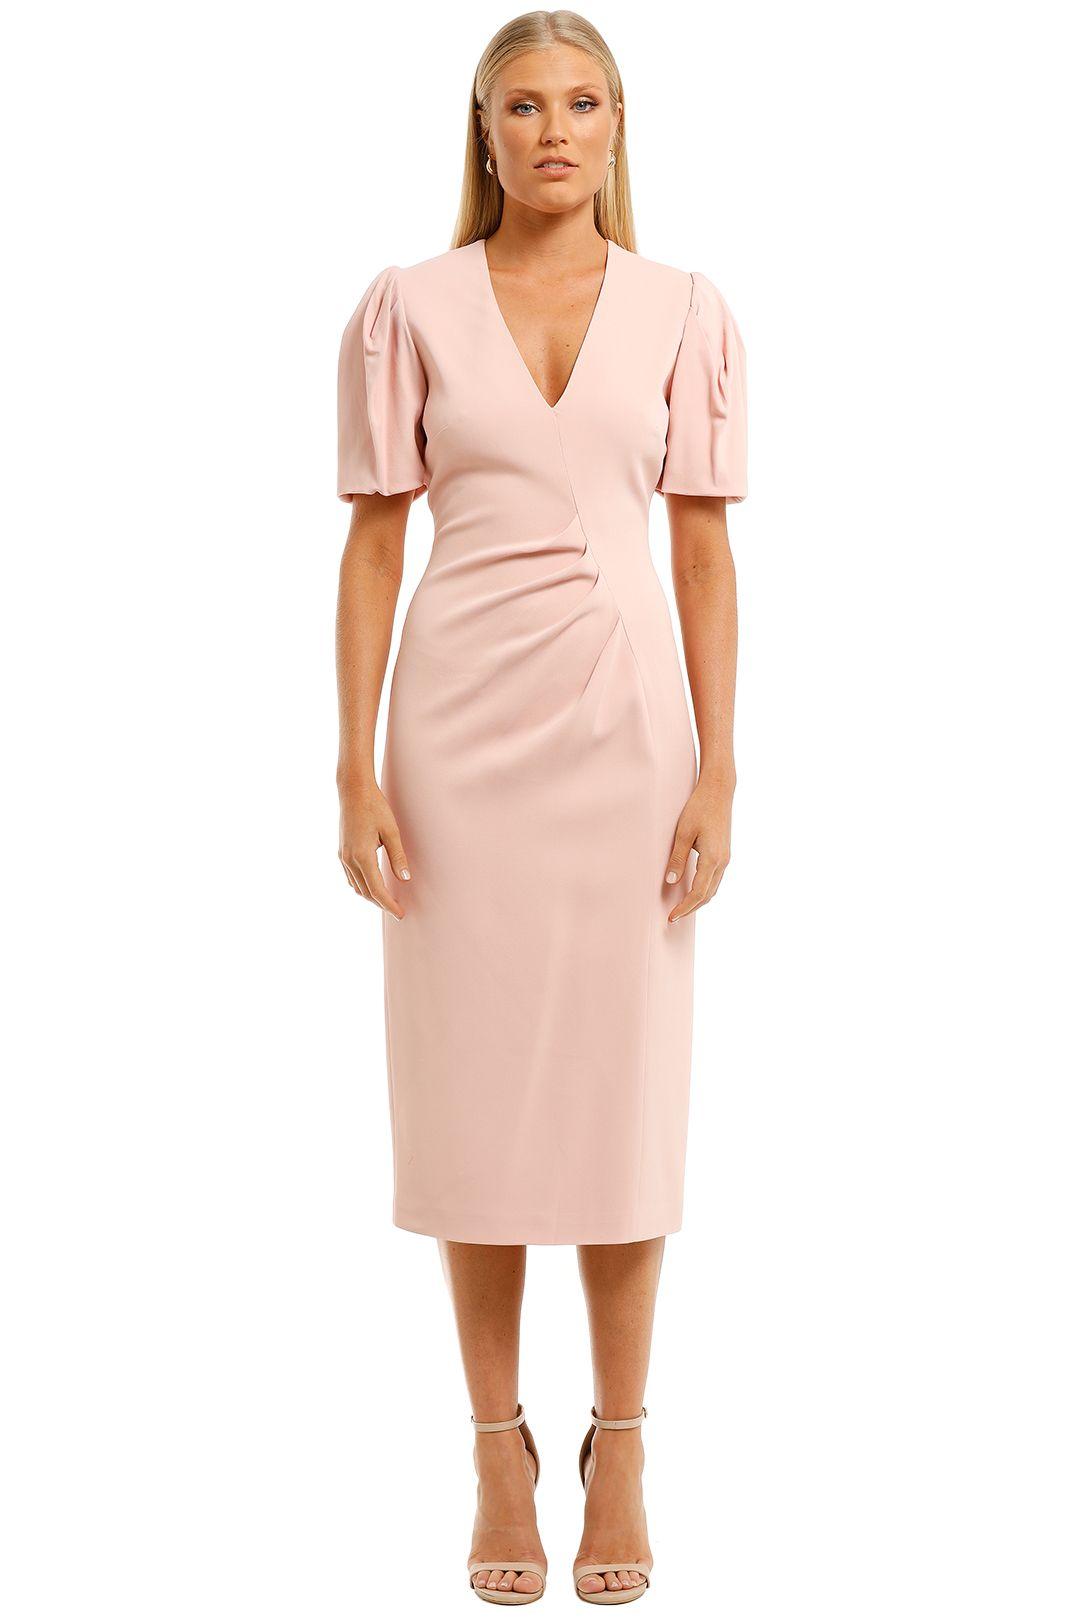 Ginger-and-Smart-Vortex-Dress-Blush-Pink-Front